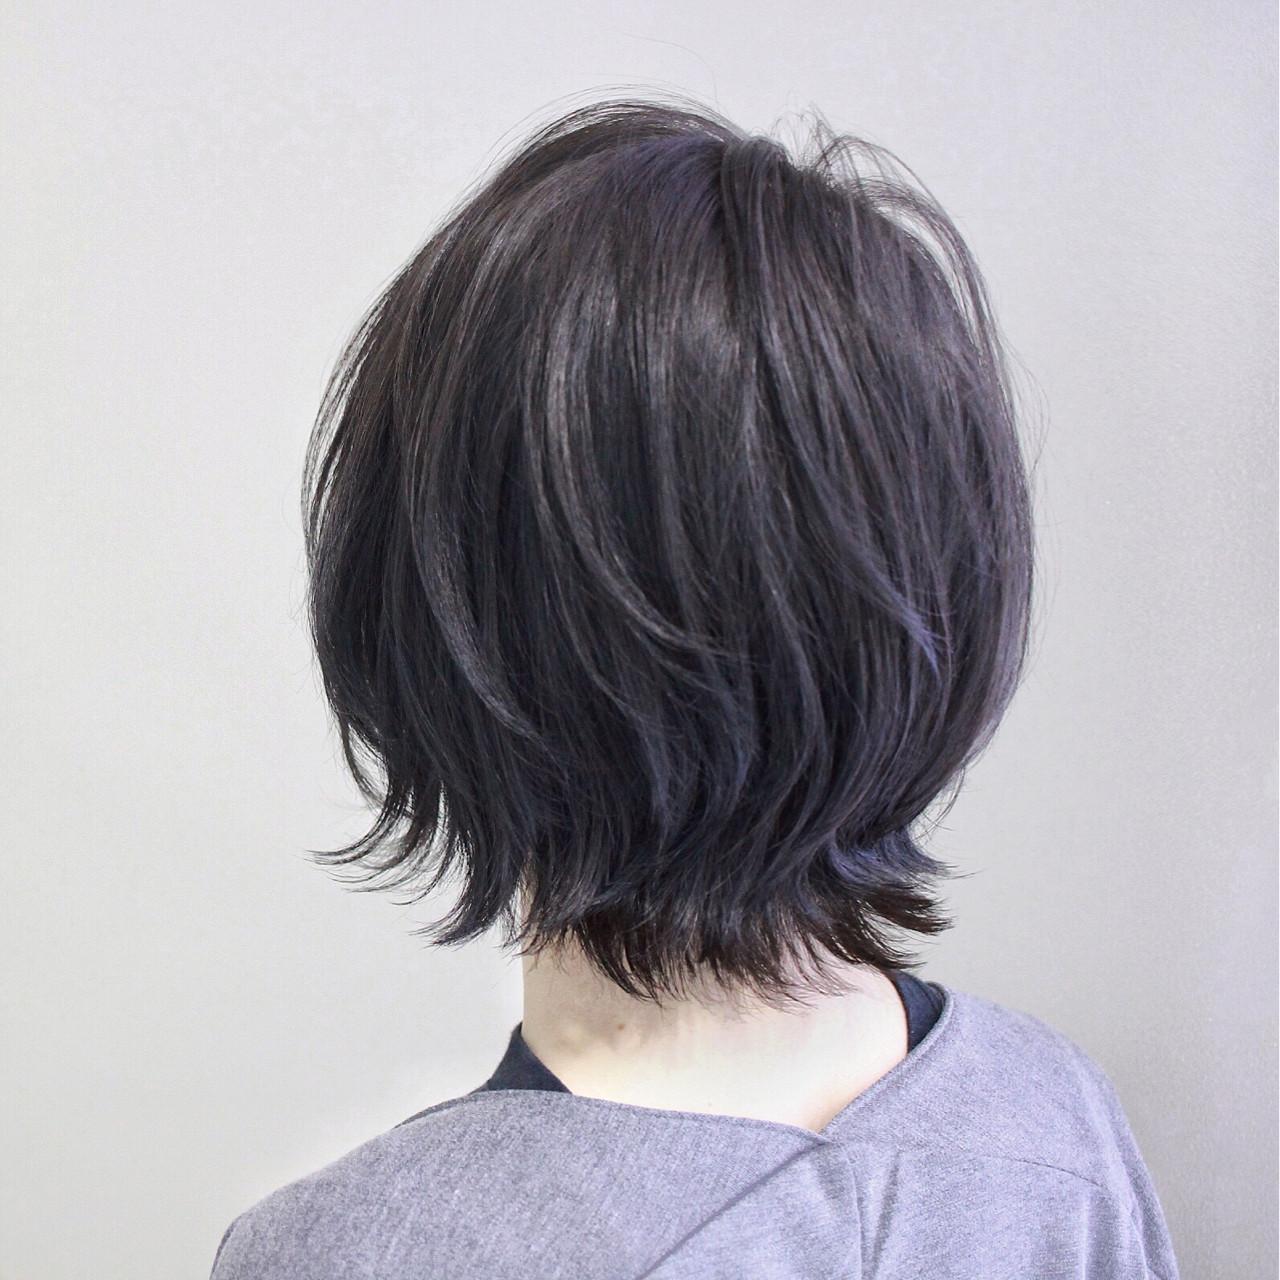 2020 黒髪ベースのグラデーションカラー レングス別カタログ Arine